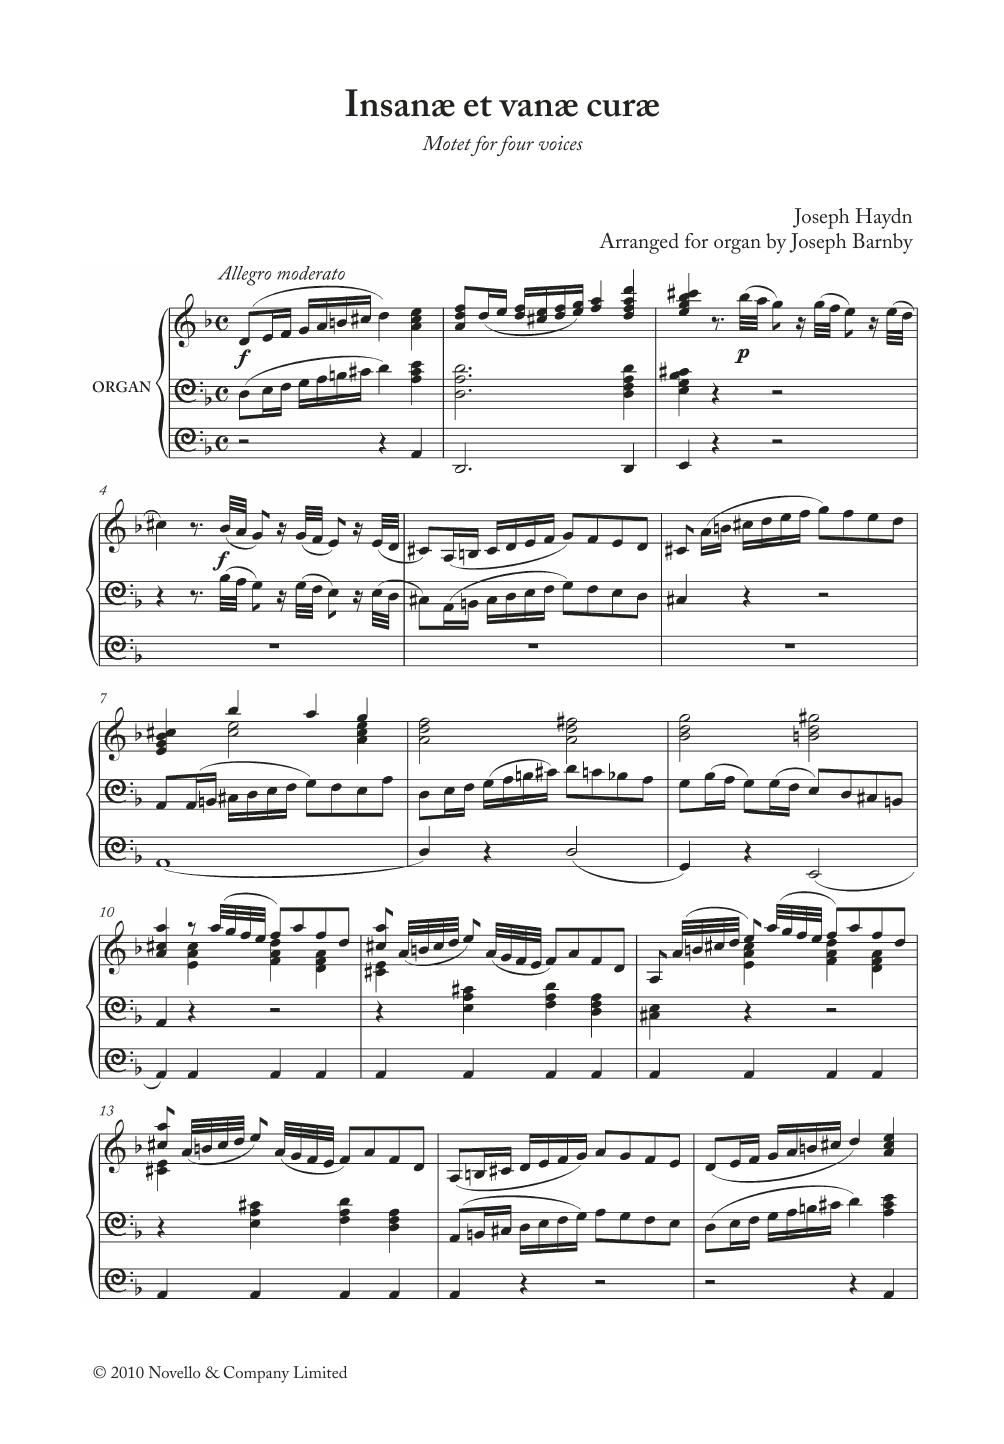 Franz Joseph Haydn - Insanae Et Vanae Curae